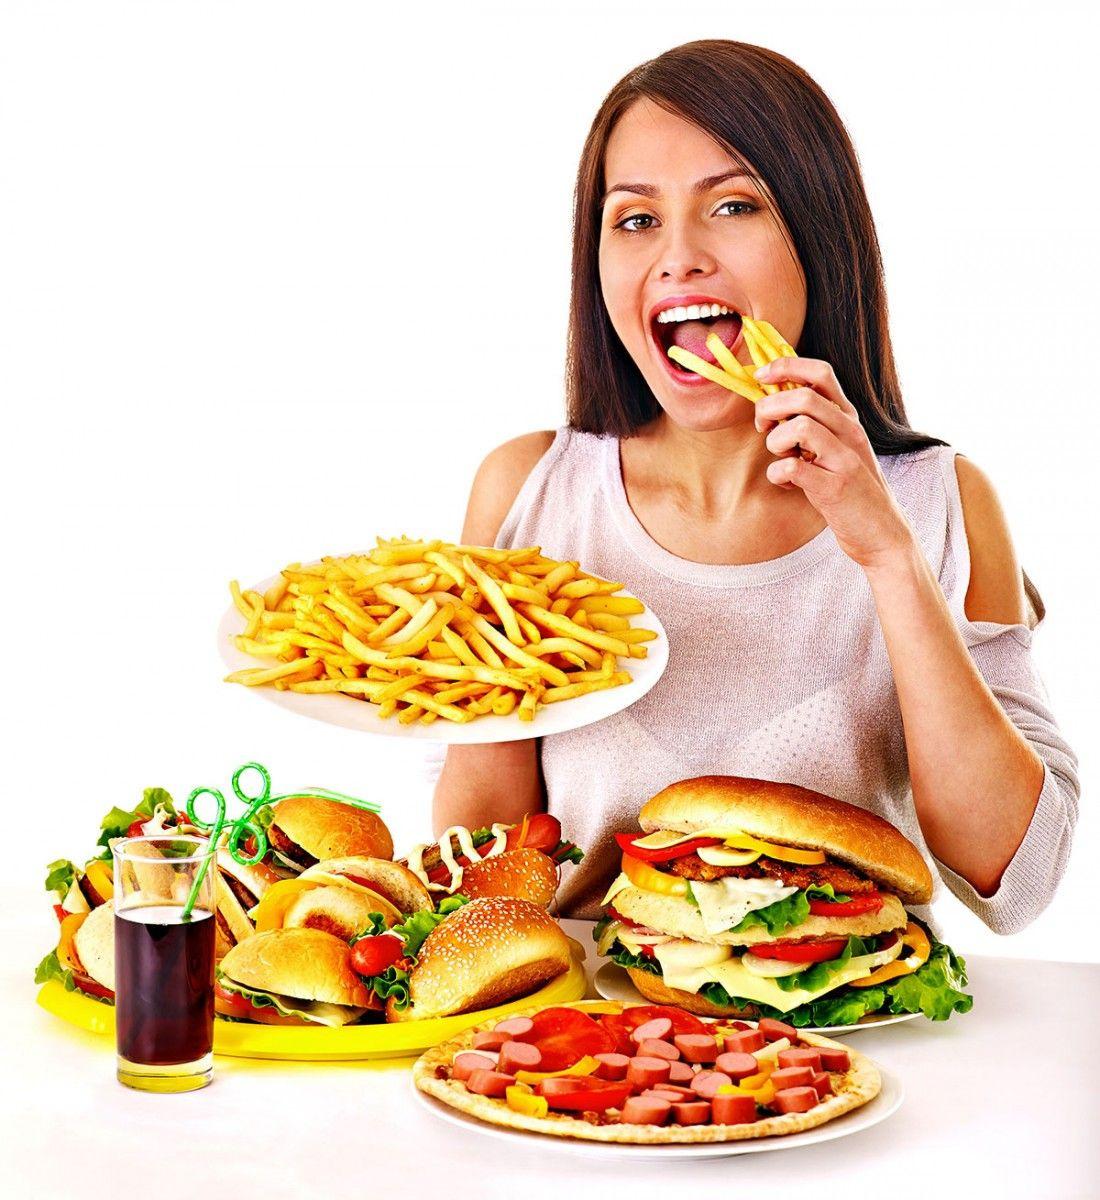 Fast food çocukları mutsuz yapıyor